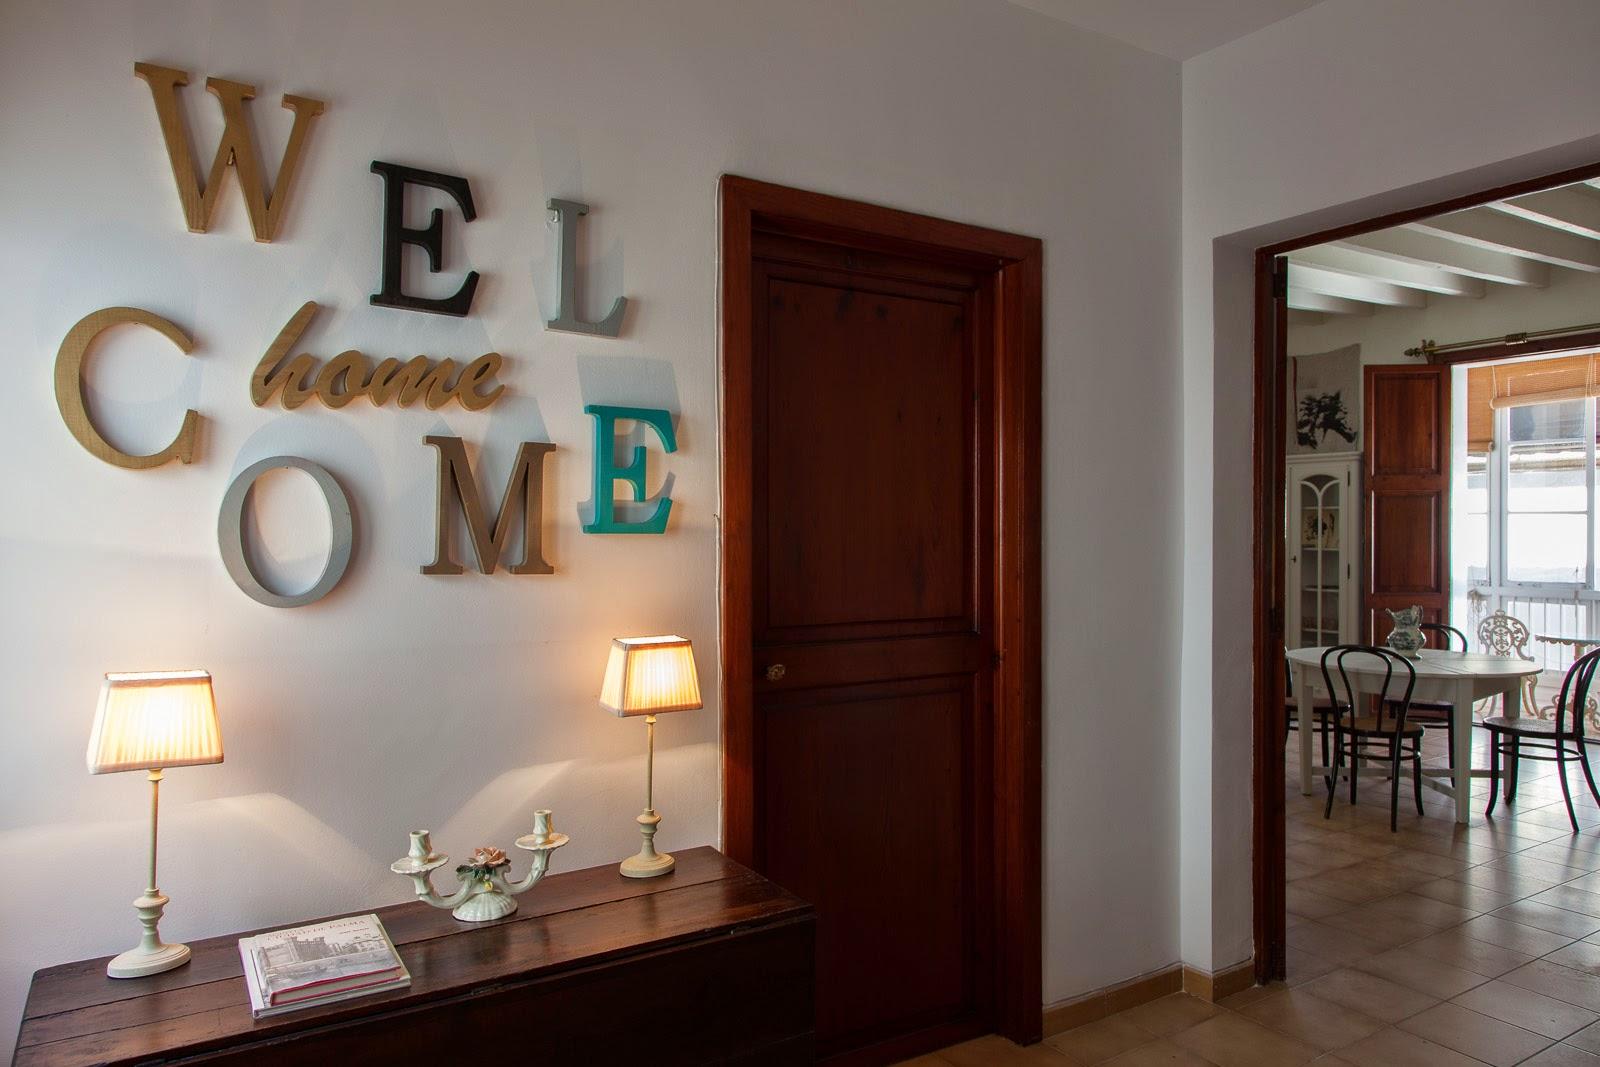 Decora tu casa con letras y palabras personalizadas evyre - Casa letras madera ...